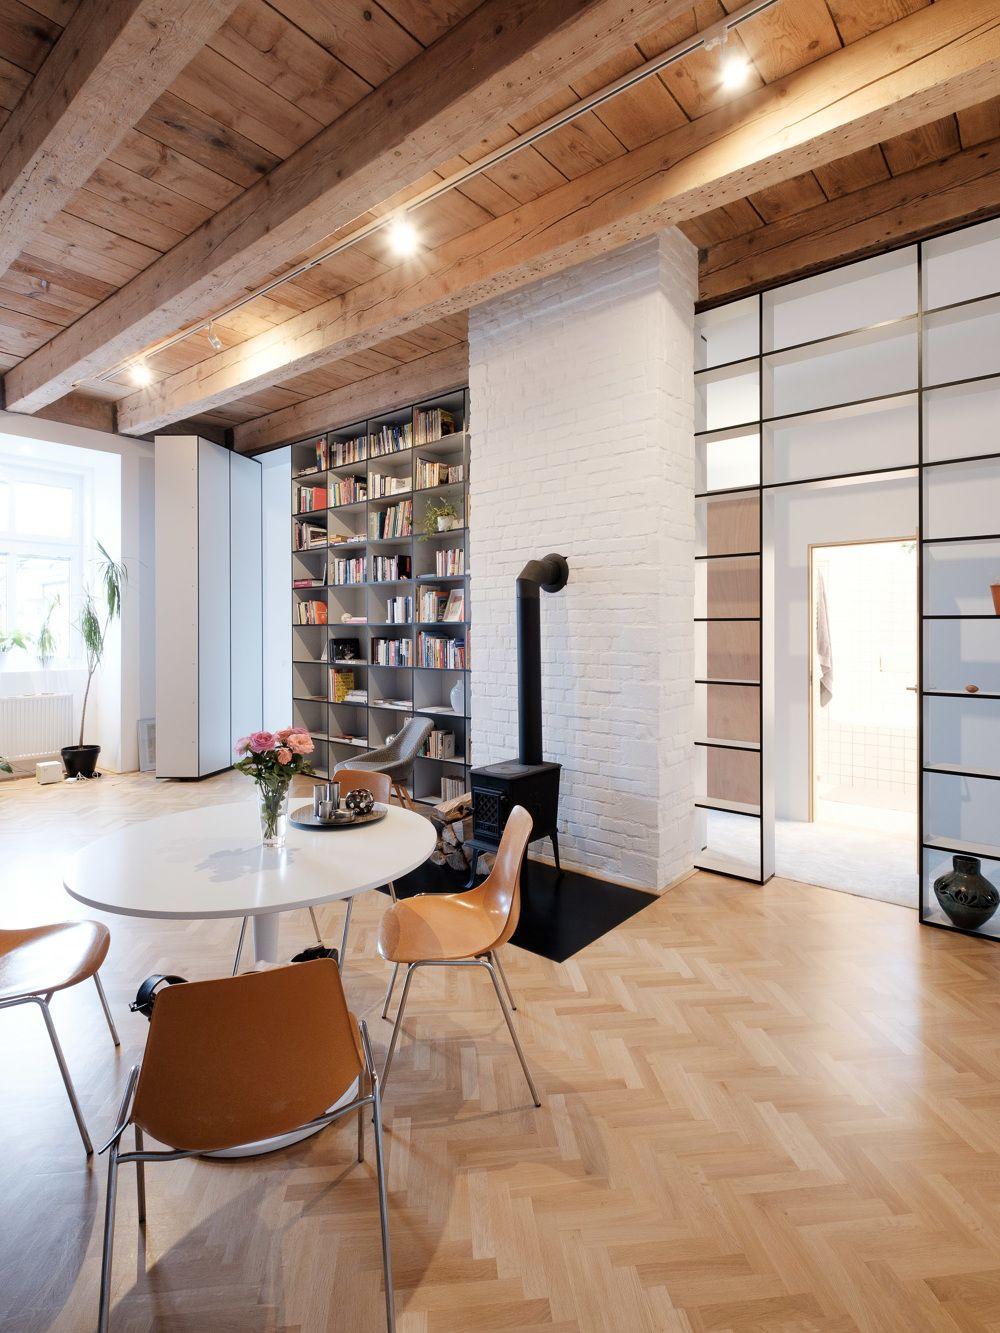 Innenarchitektur wohnzimmer grundrisse trnurekonštrukcia bytu  jrkvc  best  pinterest  haus und bau